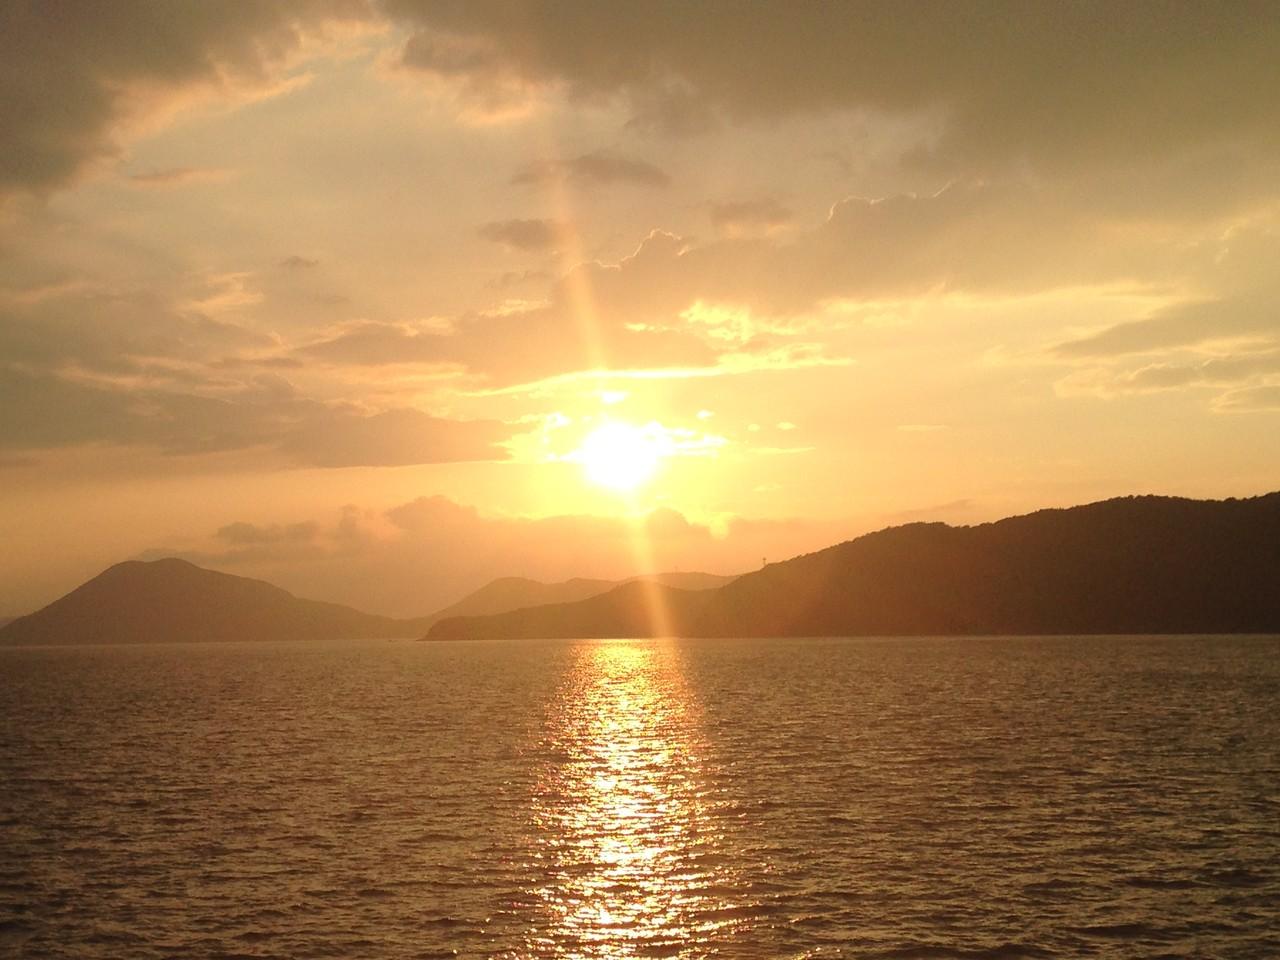 小豆島に着いた時の夕日。